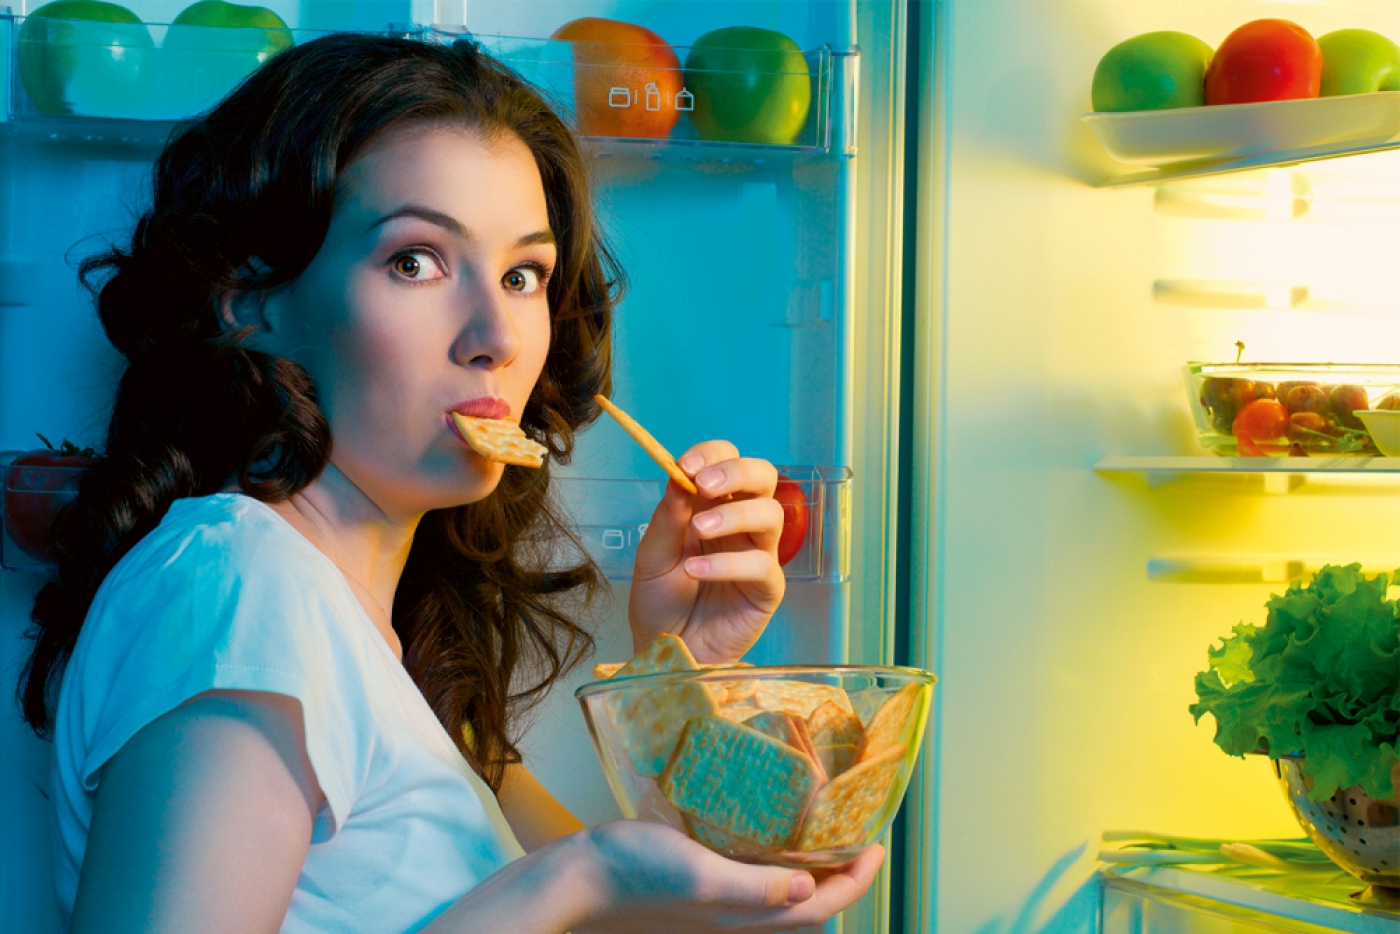 Как избавиться от переедания? 5 секретов. как перестать переедать